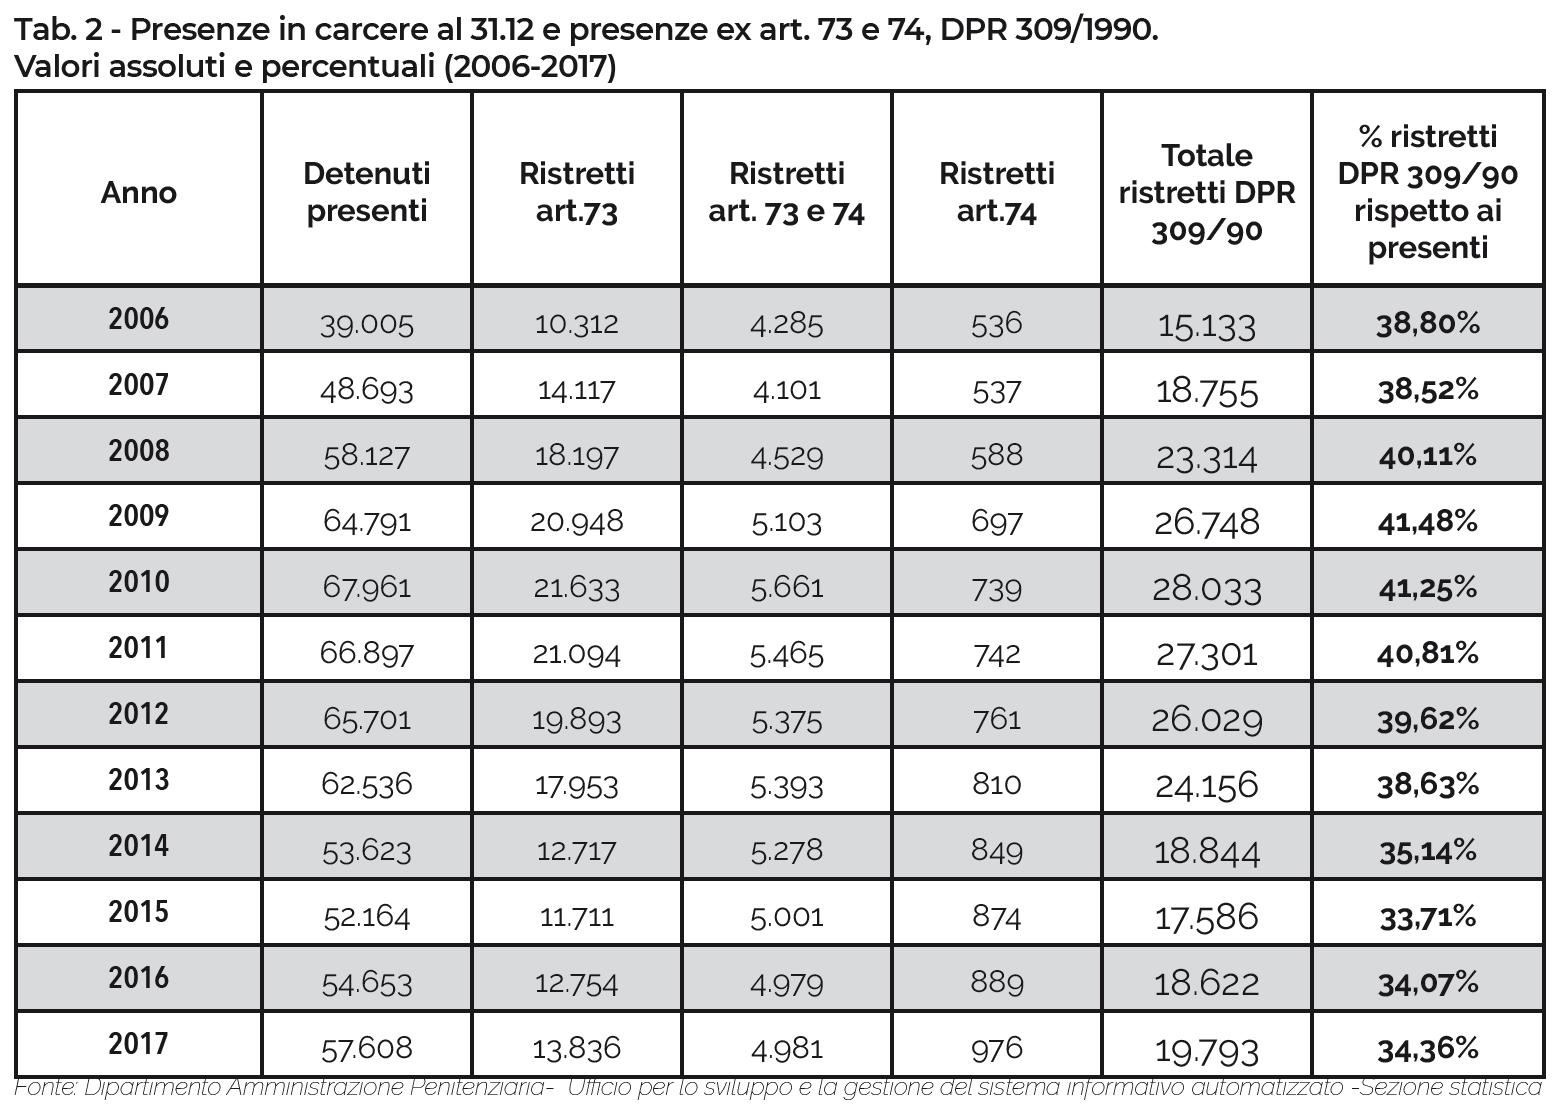 Tab. 2 - Presenze in carcere al 31.12 e presenze ex art. 73 e 74, DPR 309/1990.